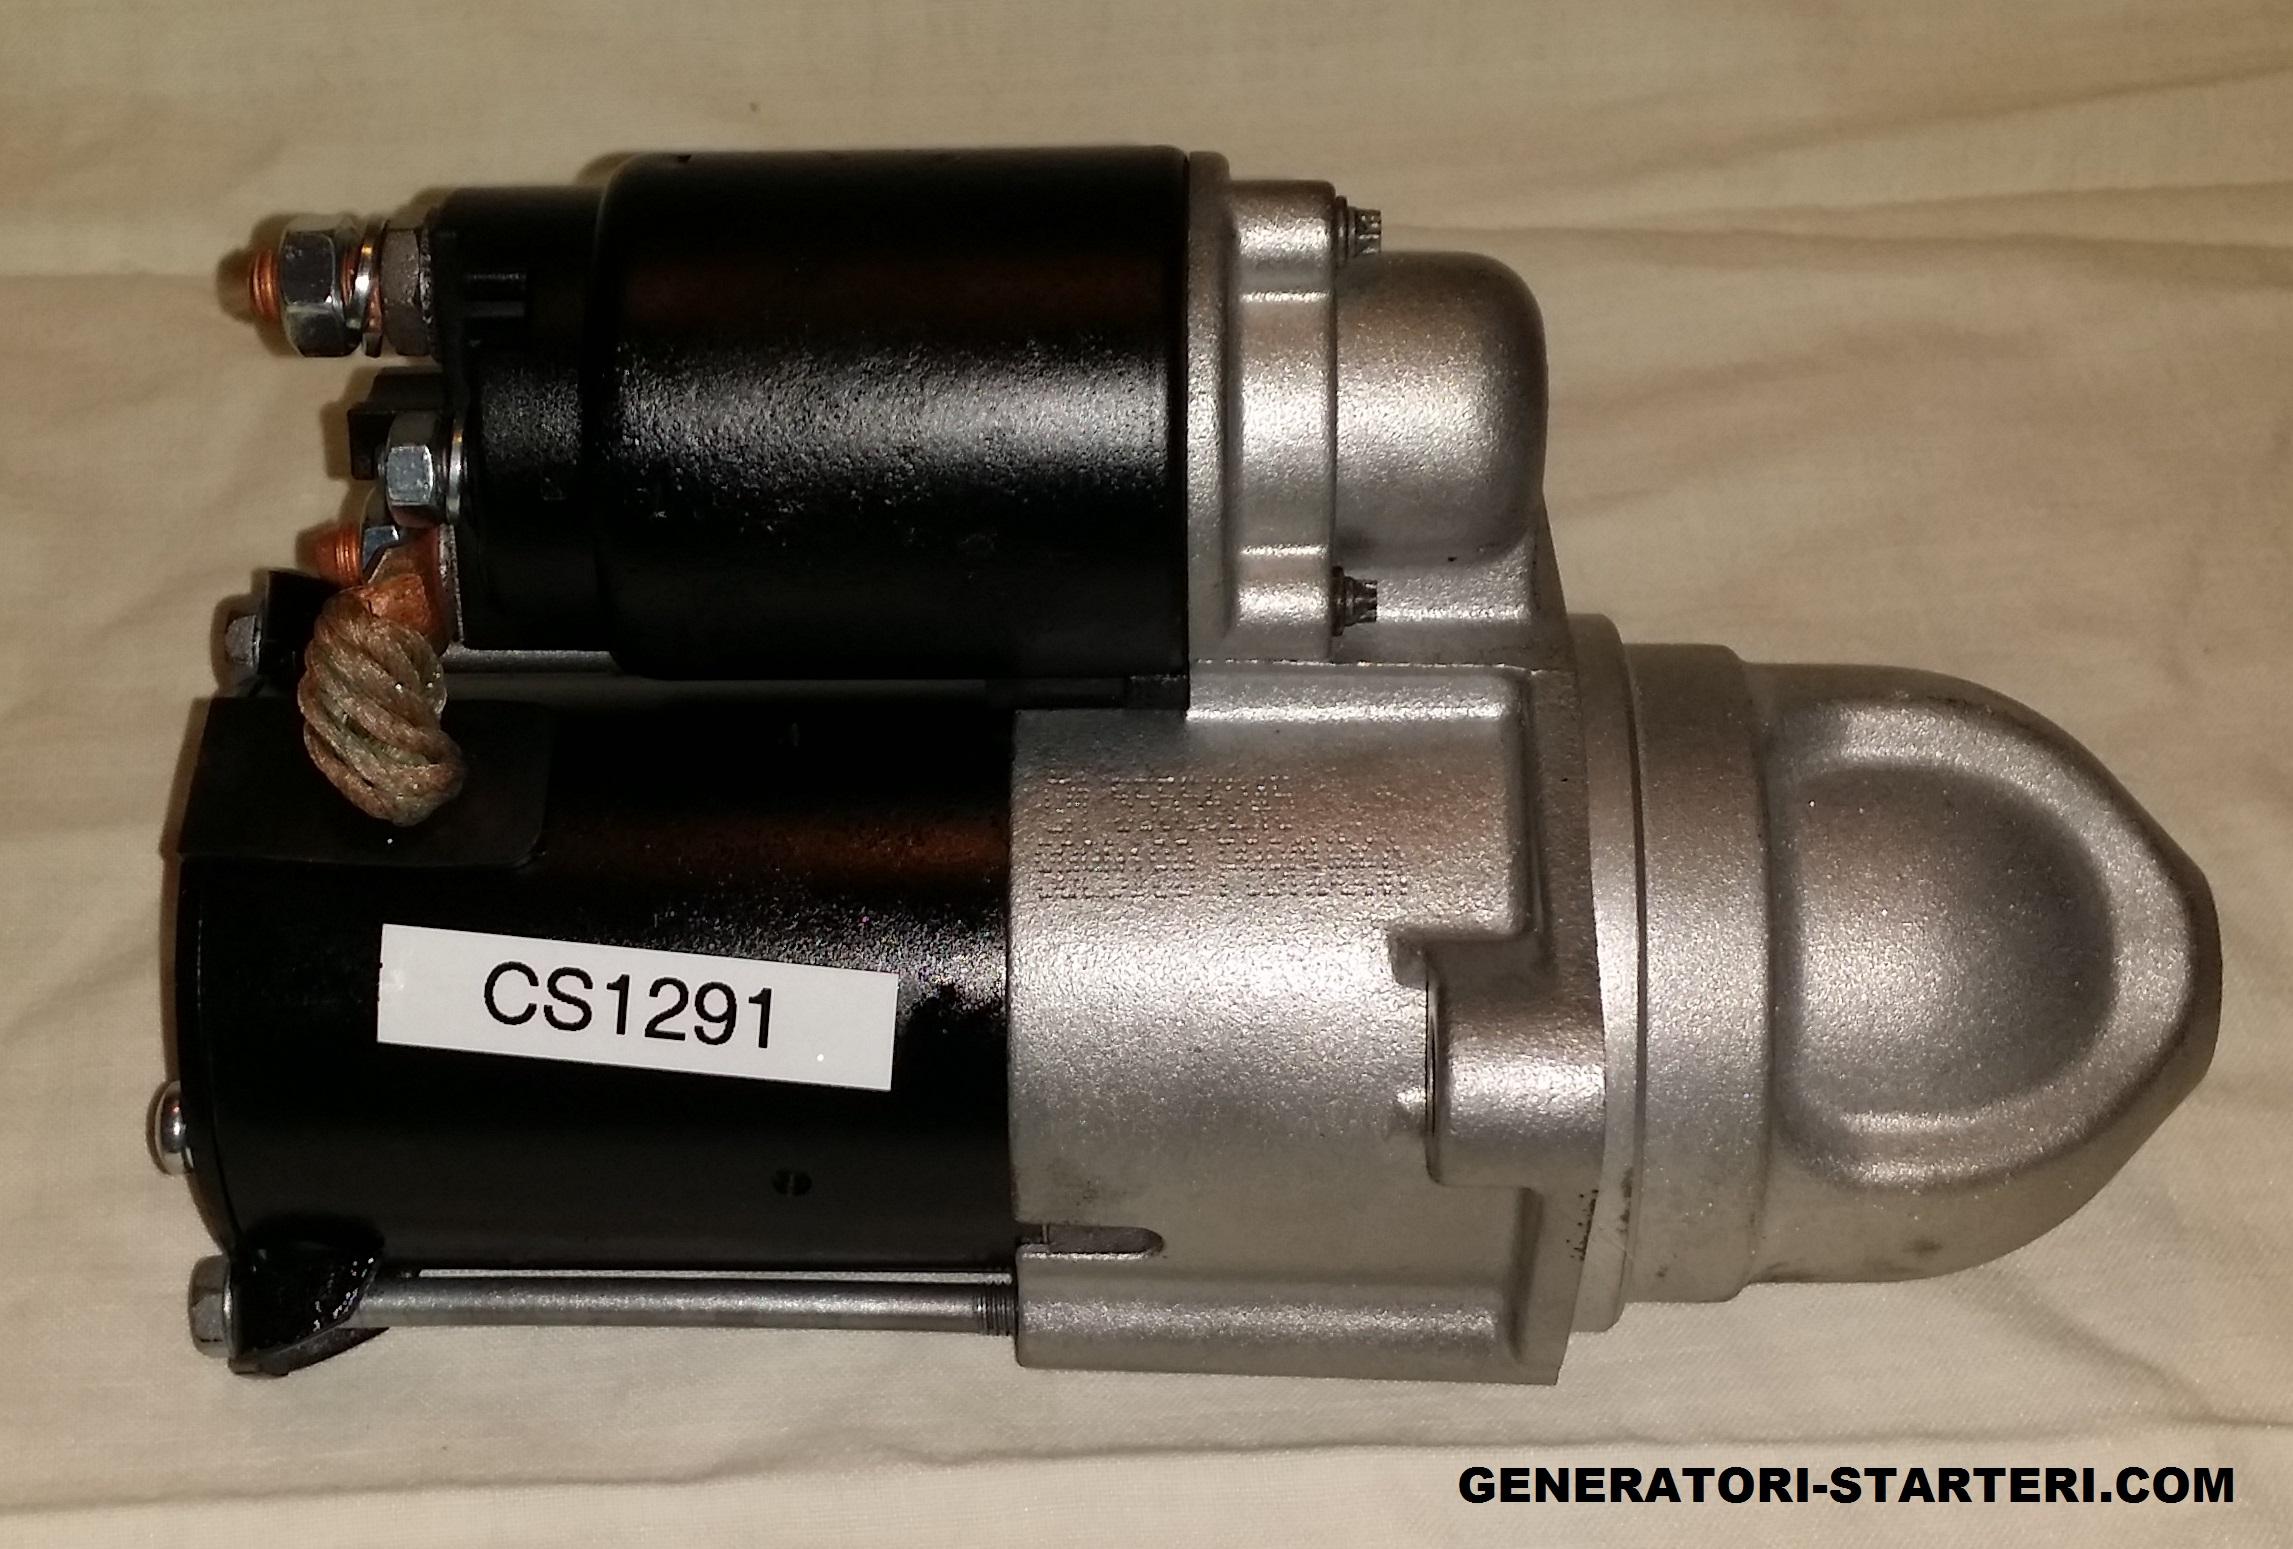 Starteru Remonts CS1291